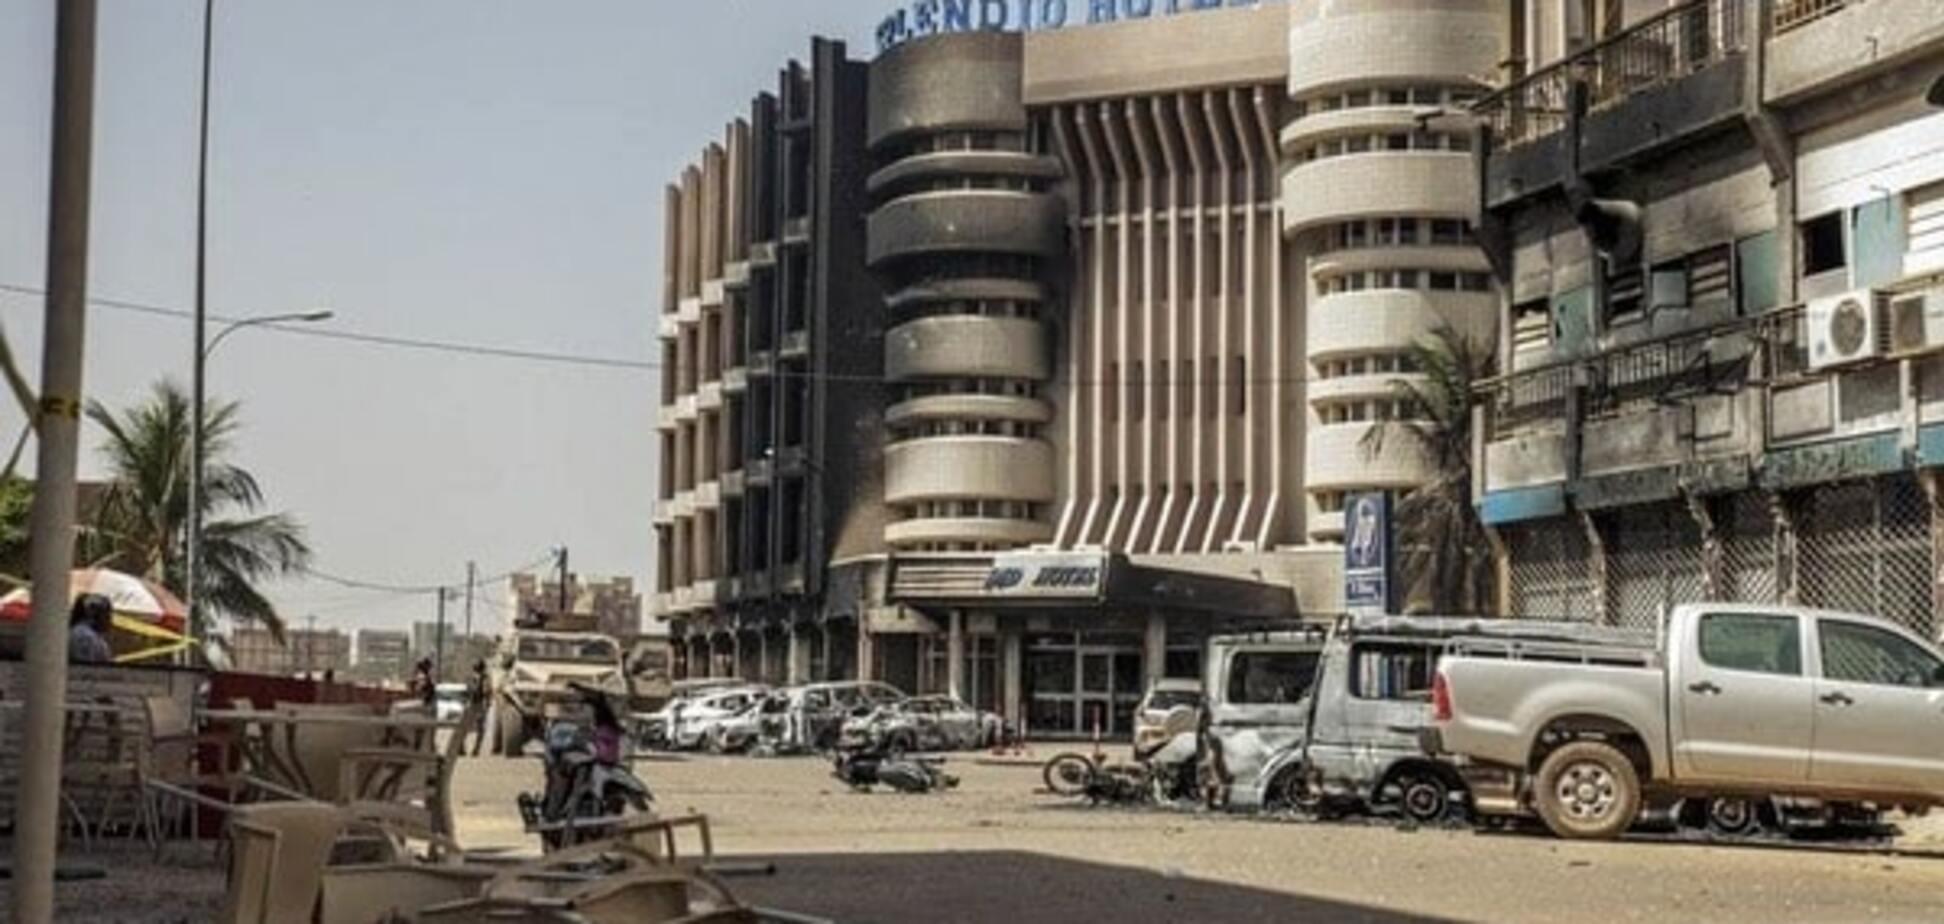 У Буркіна-Фасо ідентифікували тіла трьох терористів